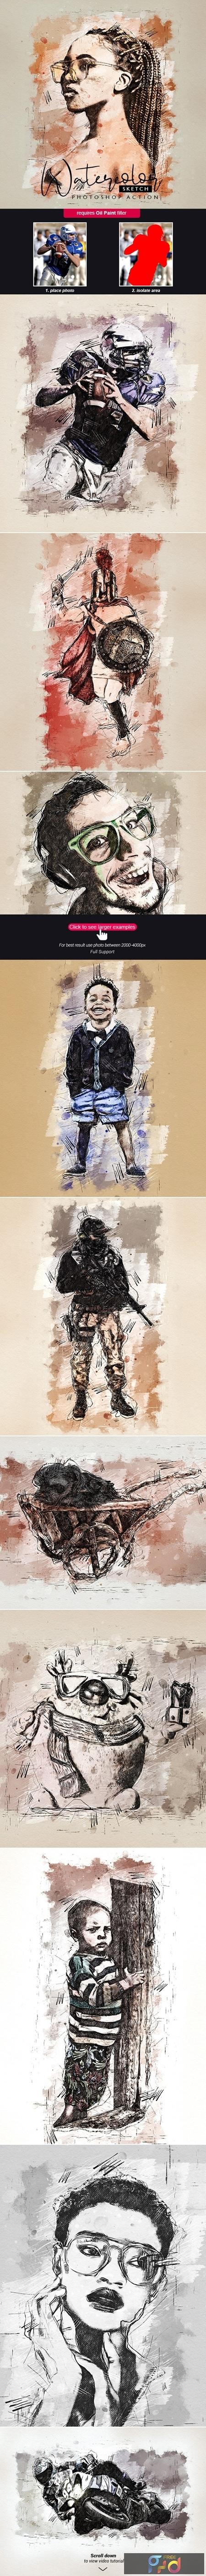 Watercolor Sketch - Photoshop Action 25362455 1